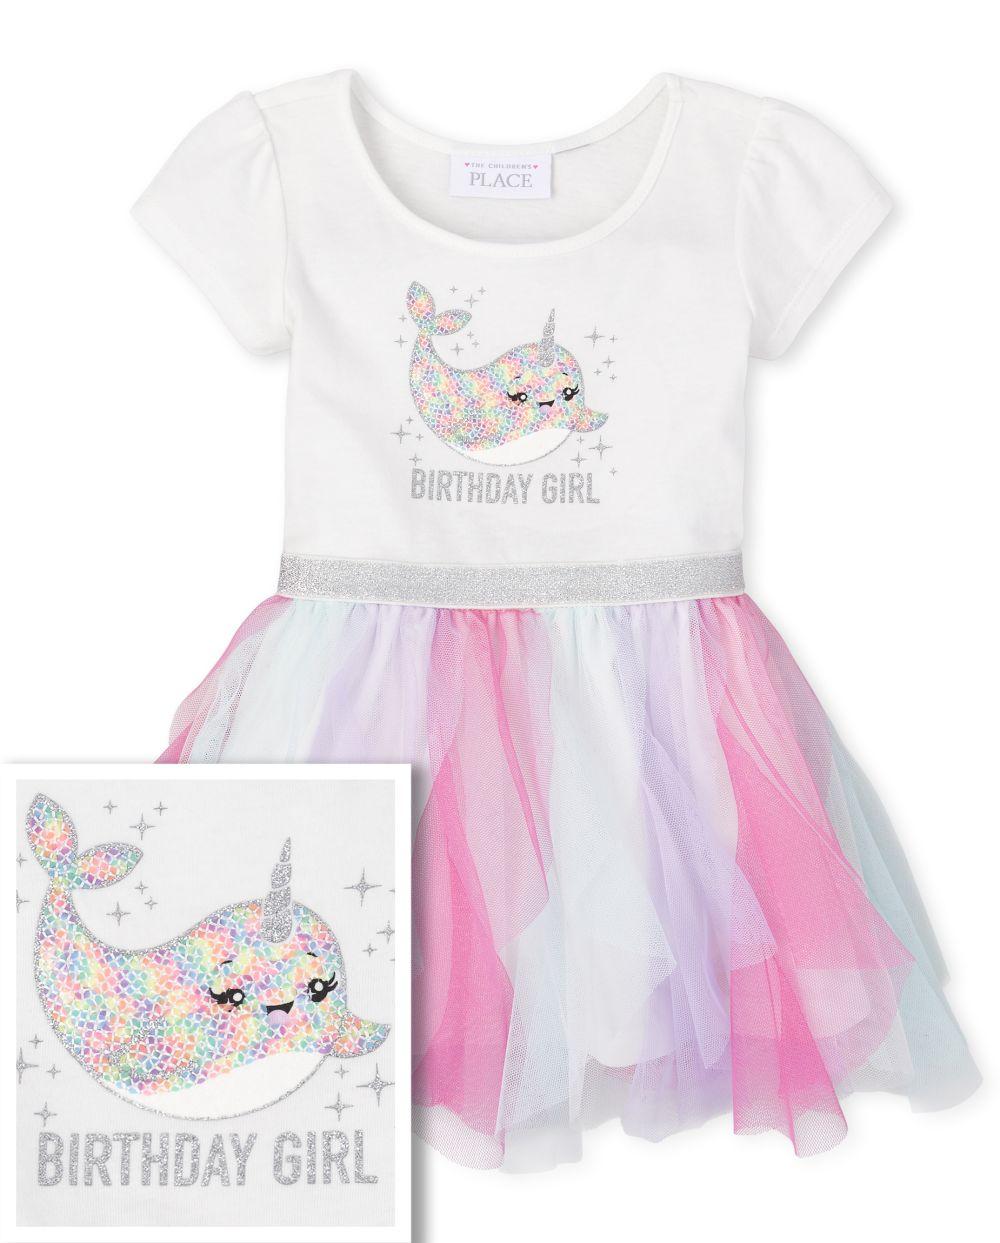 Vestido de tutú de Narwhal para niña de cumpleaños con purpurina para bebés y niñas pequeñas